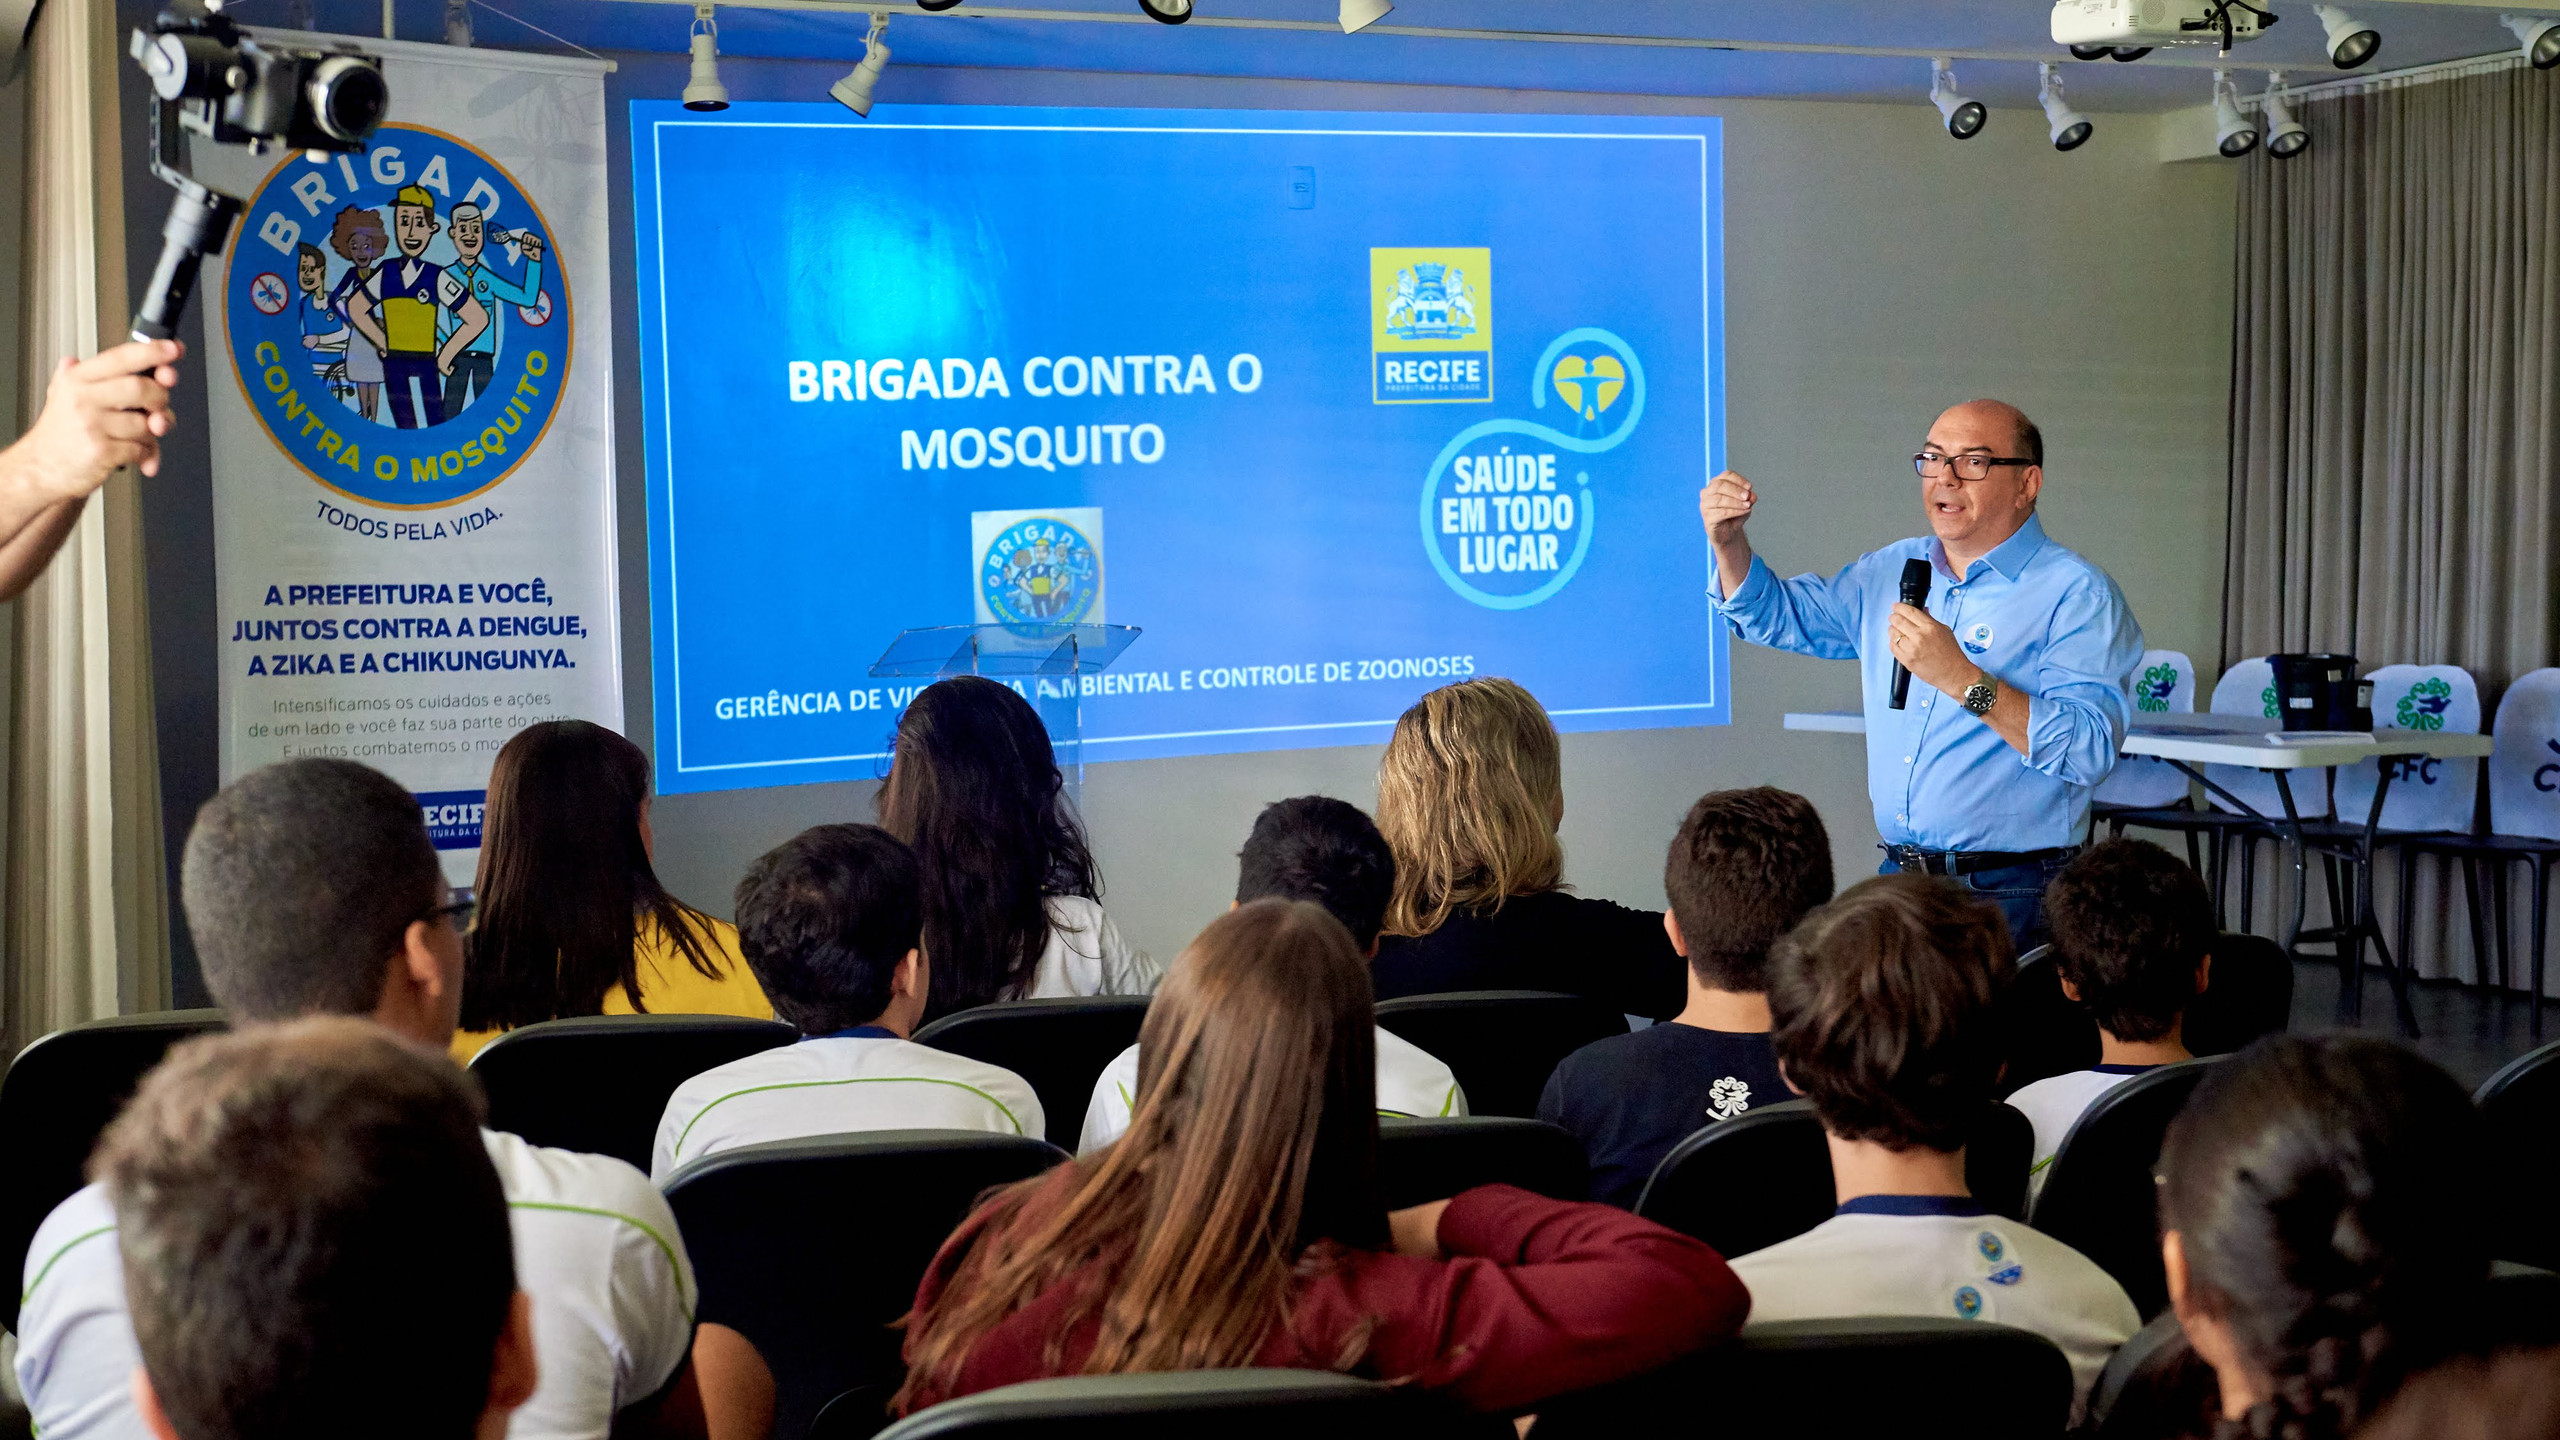 Brigada_do_mosquito (6)